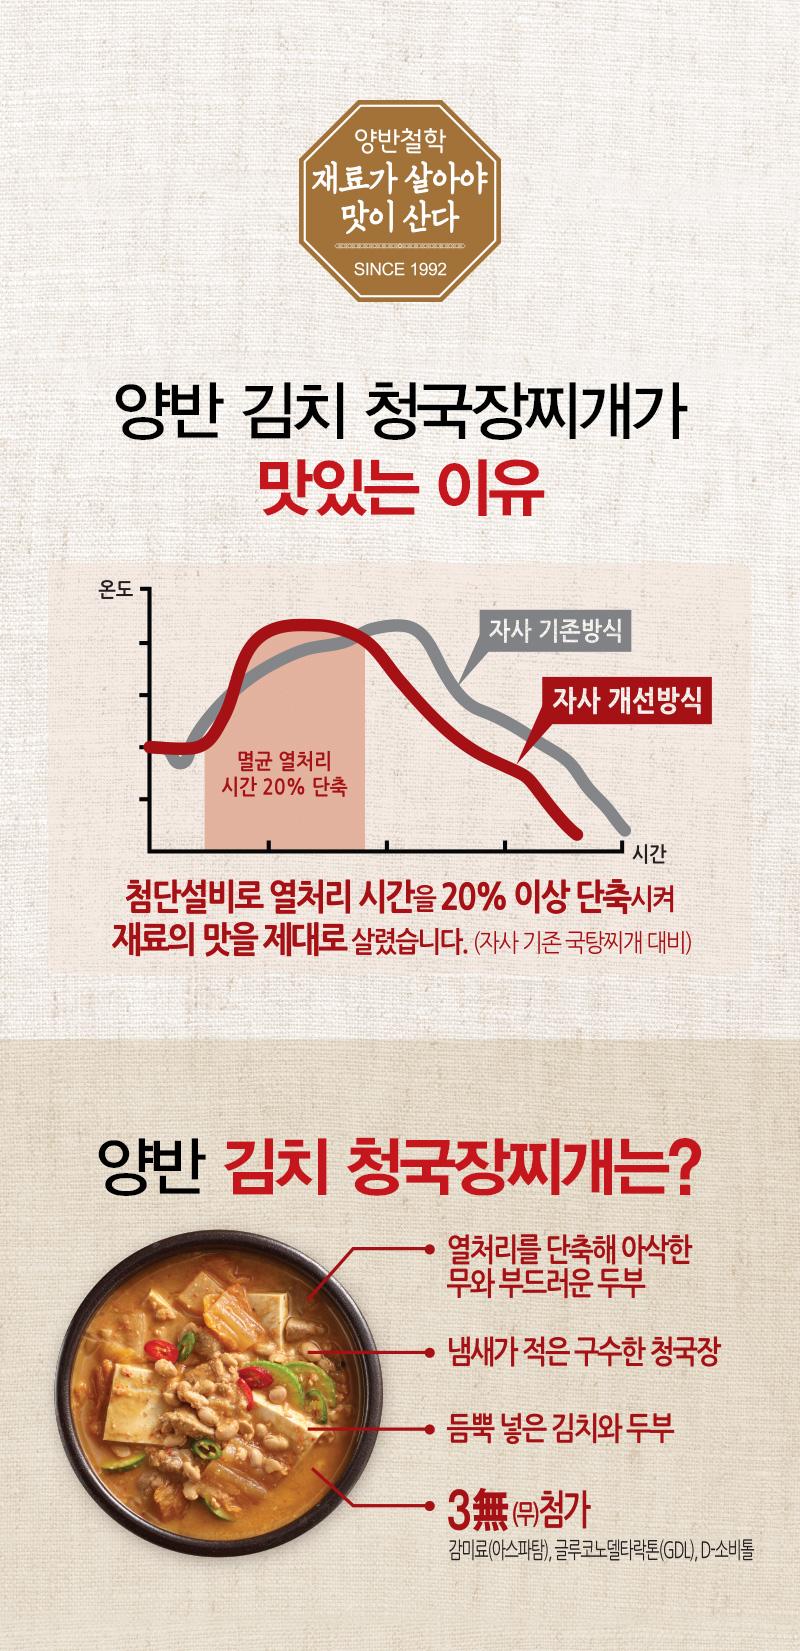 양반 김치 청국장찌개가 맛있는 이유 첨단설비로 열처리 시간을 20%이상 단축시켜 재료의 맛을 제대로 살렸습니다.